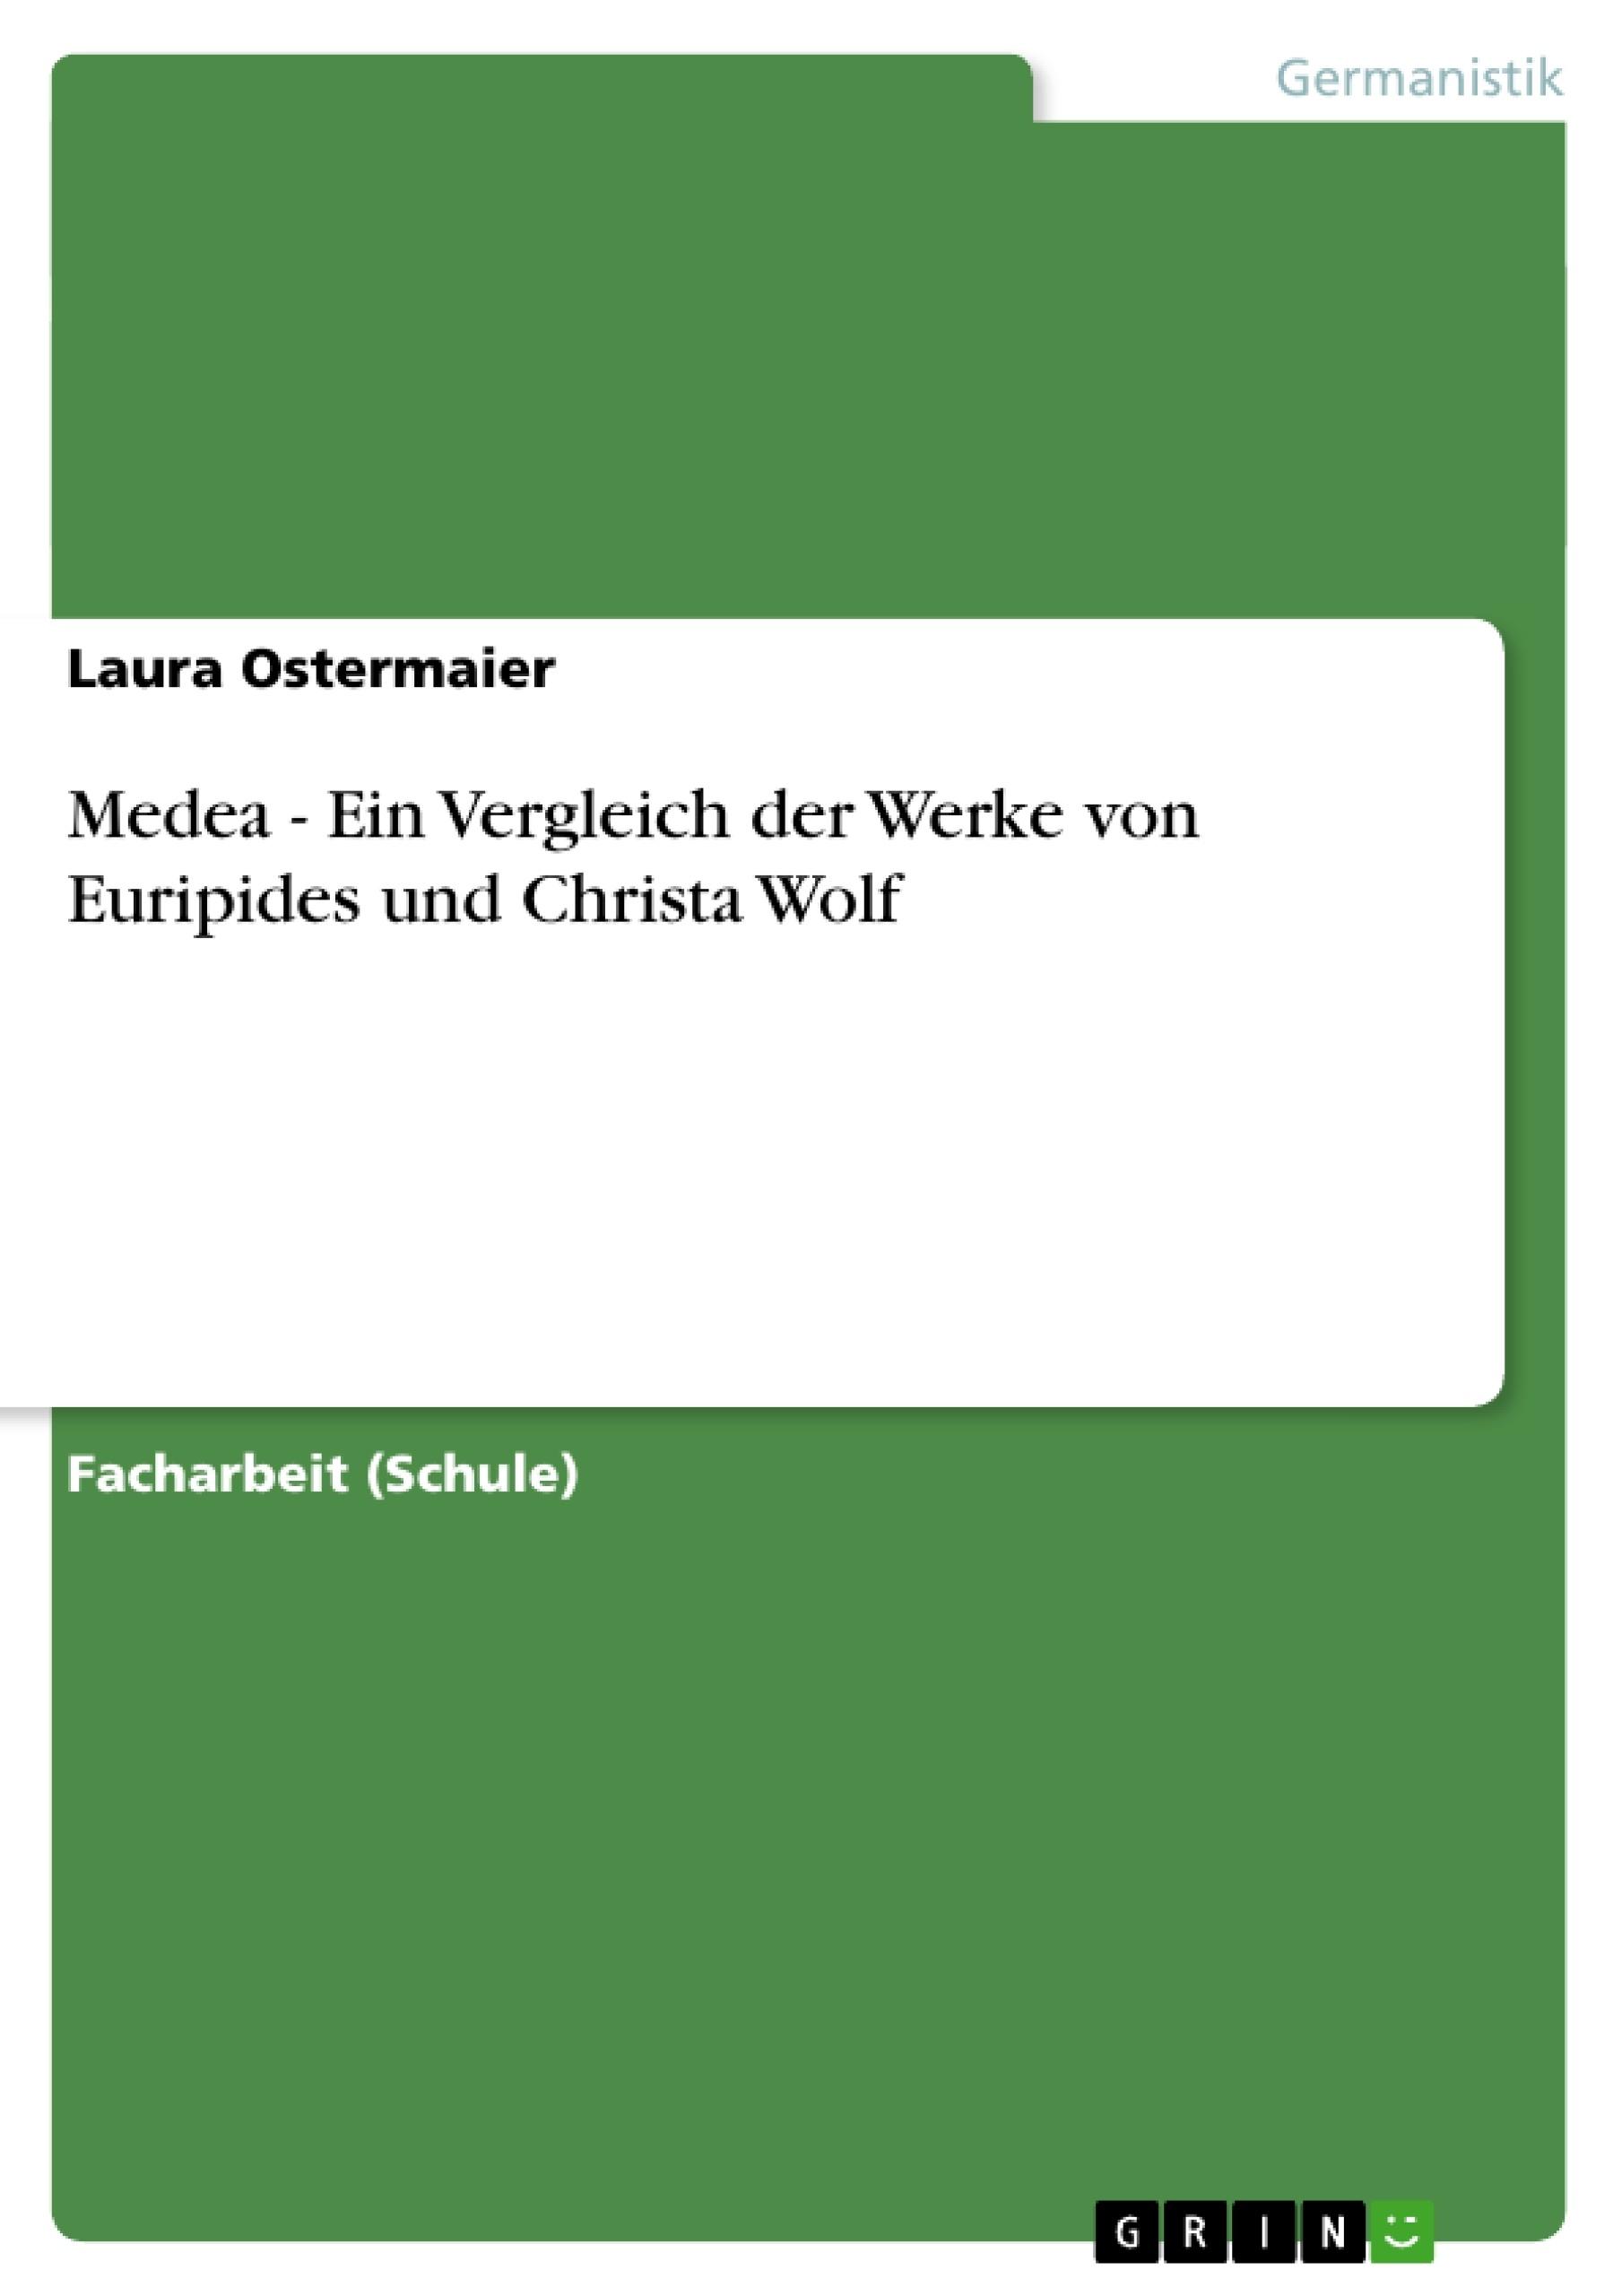 Titel: Medea - Ein Vergleich der Werke von Euripides und Christa Wolf